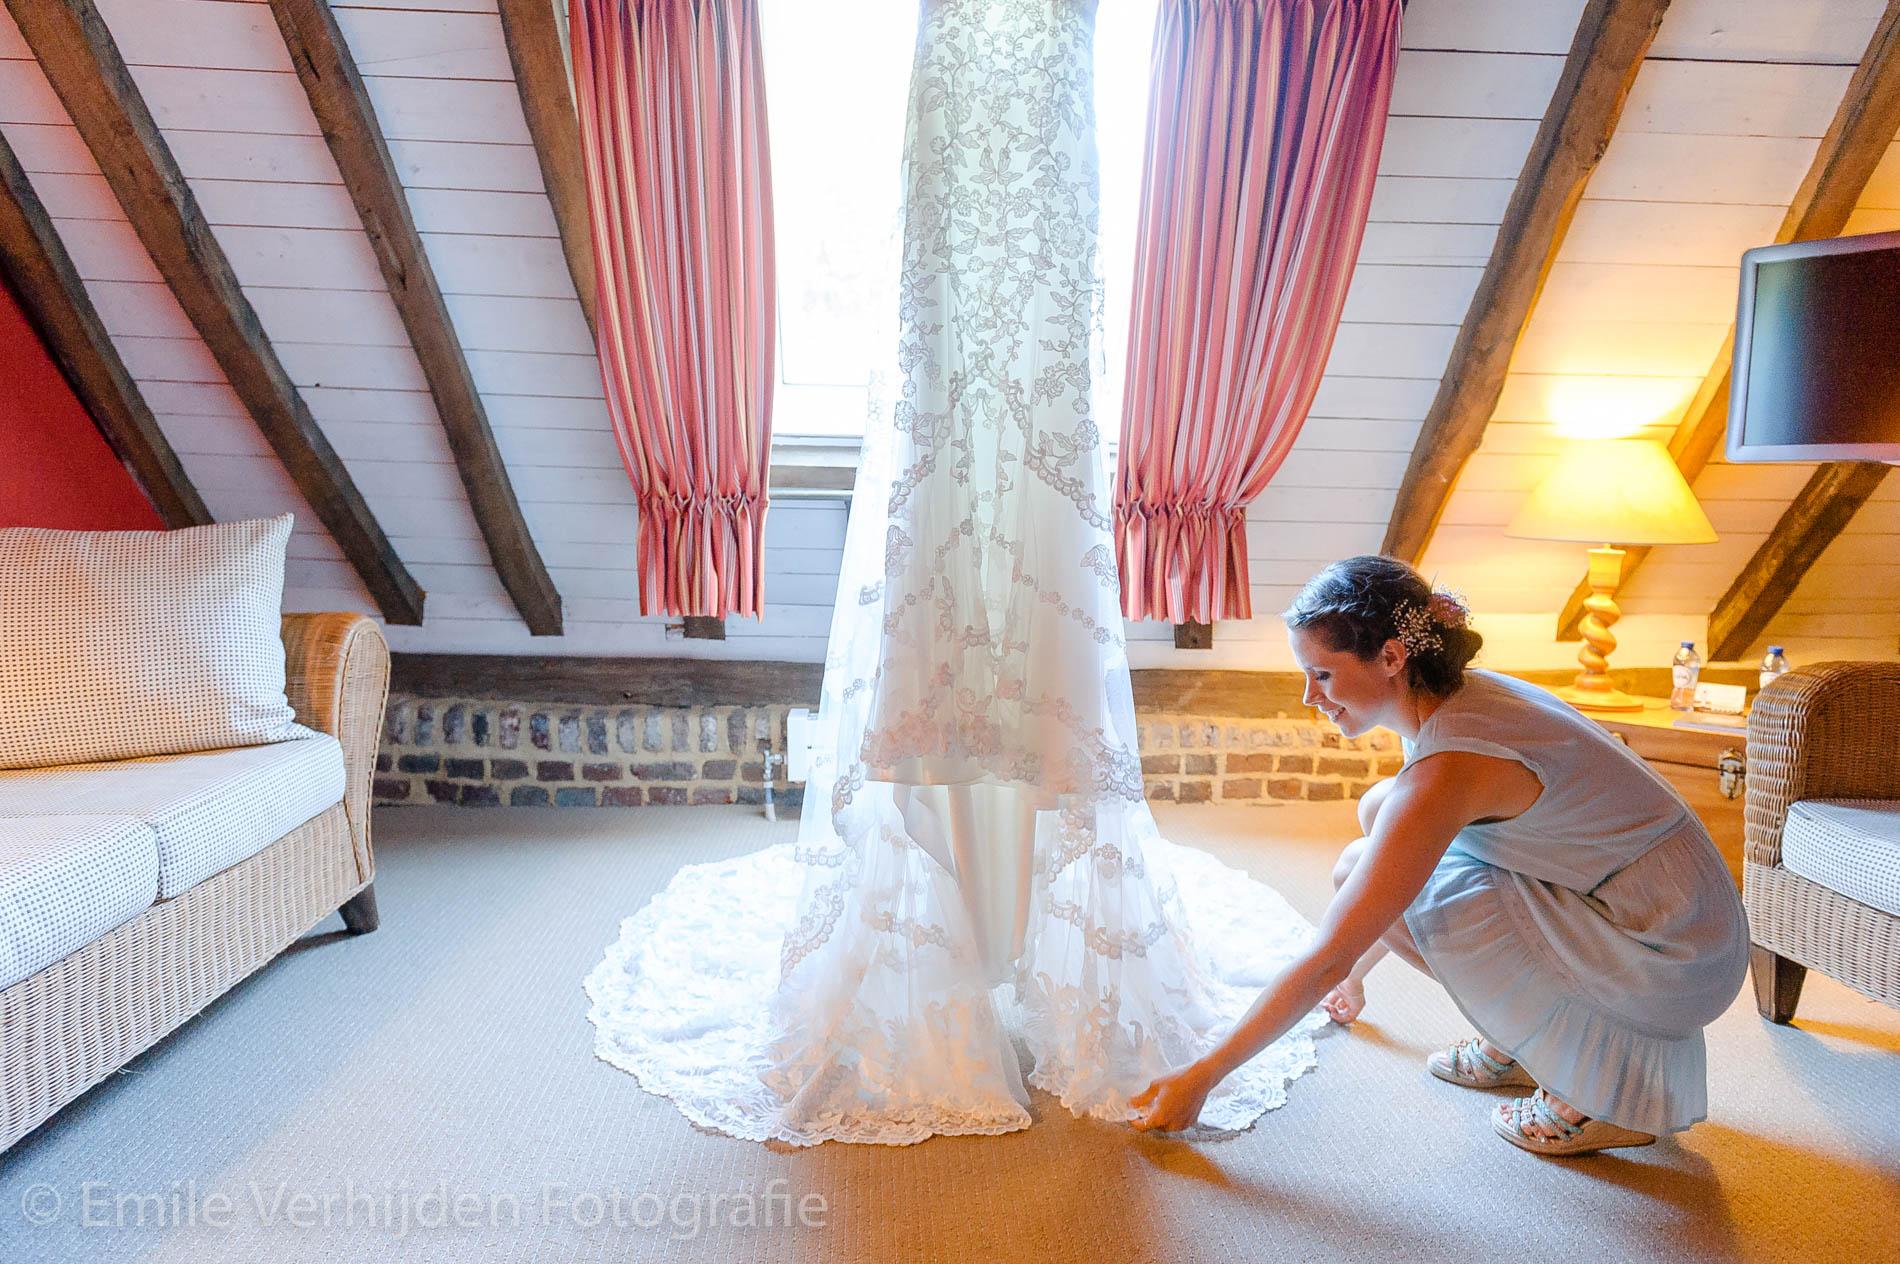 de-bruid-legt-de-jurk-goed-bruidsfotografie-winselerhof-landgraaf Bruidsfotografie Winselerhof Landgraaf - Kerkrade